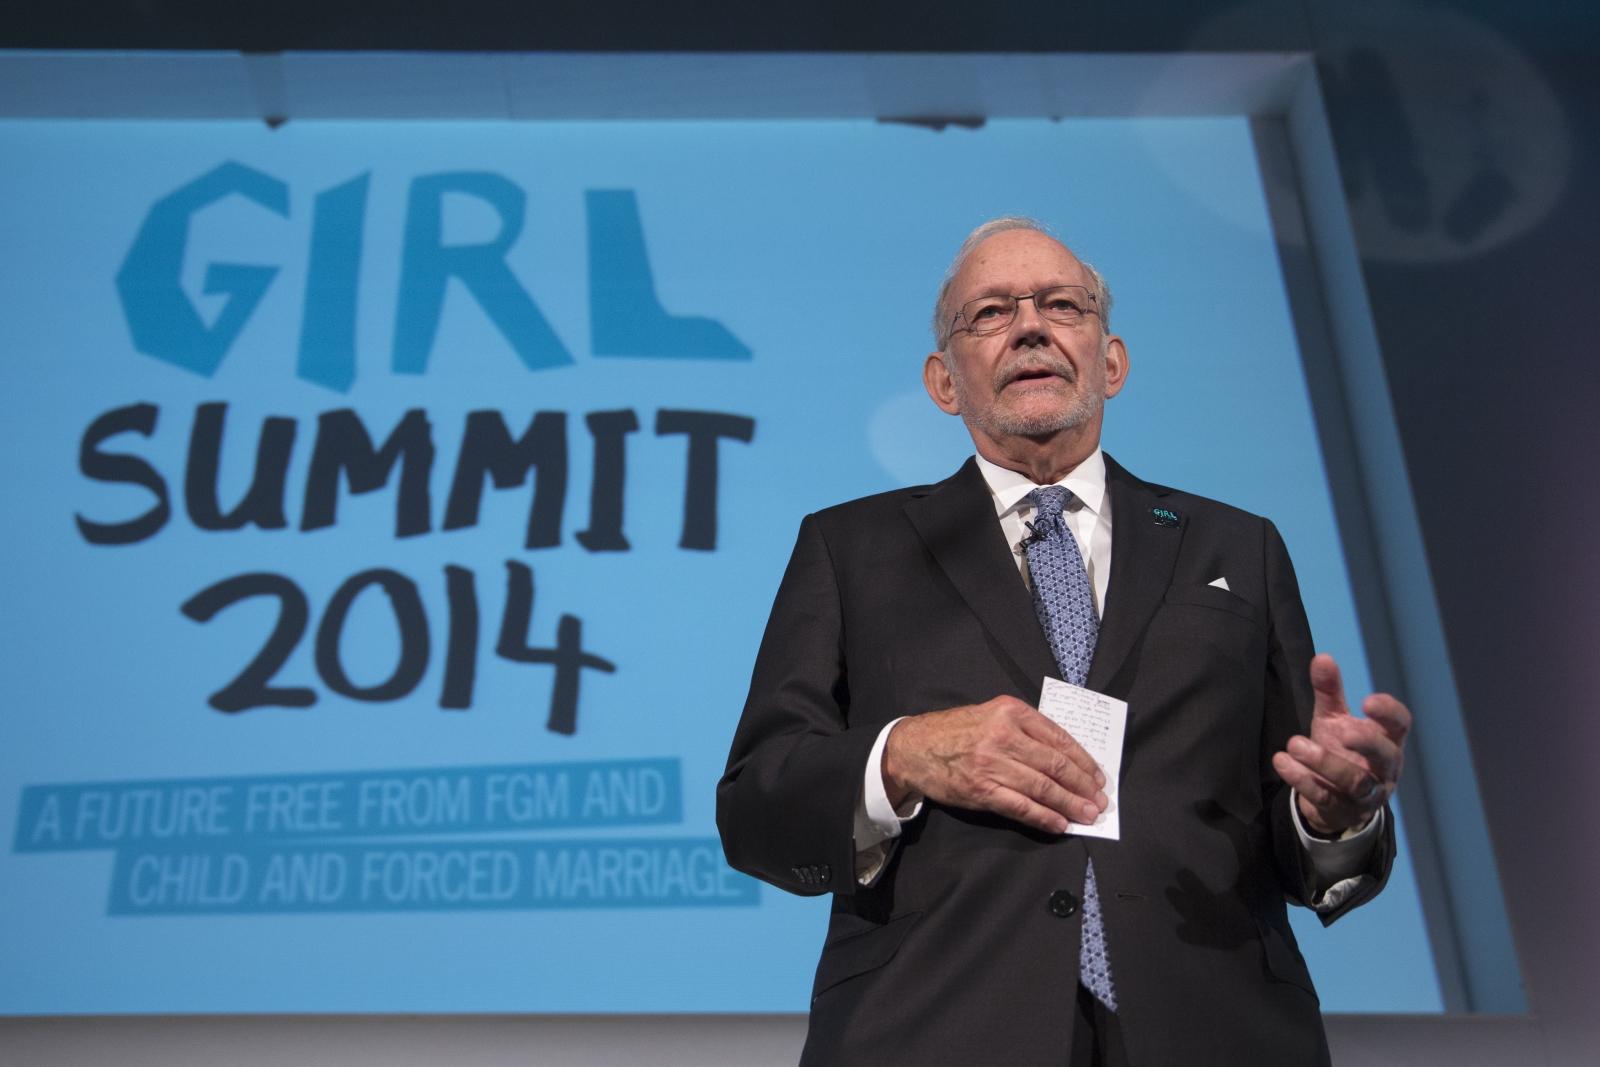 FGM Girl Summit